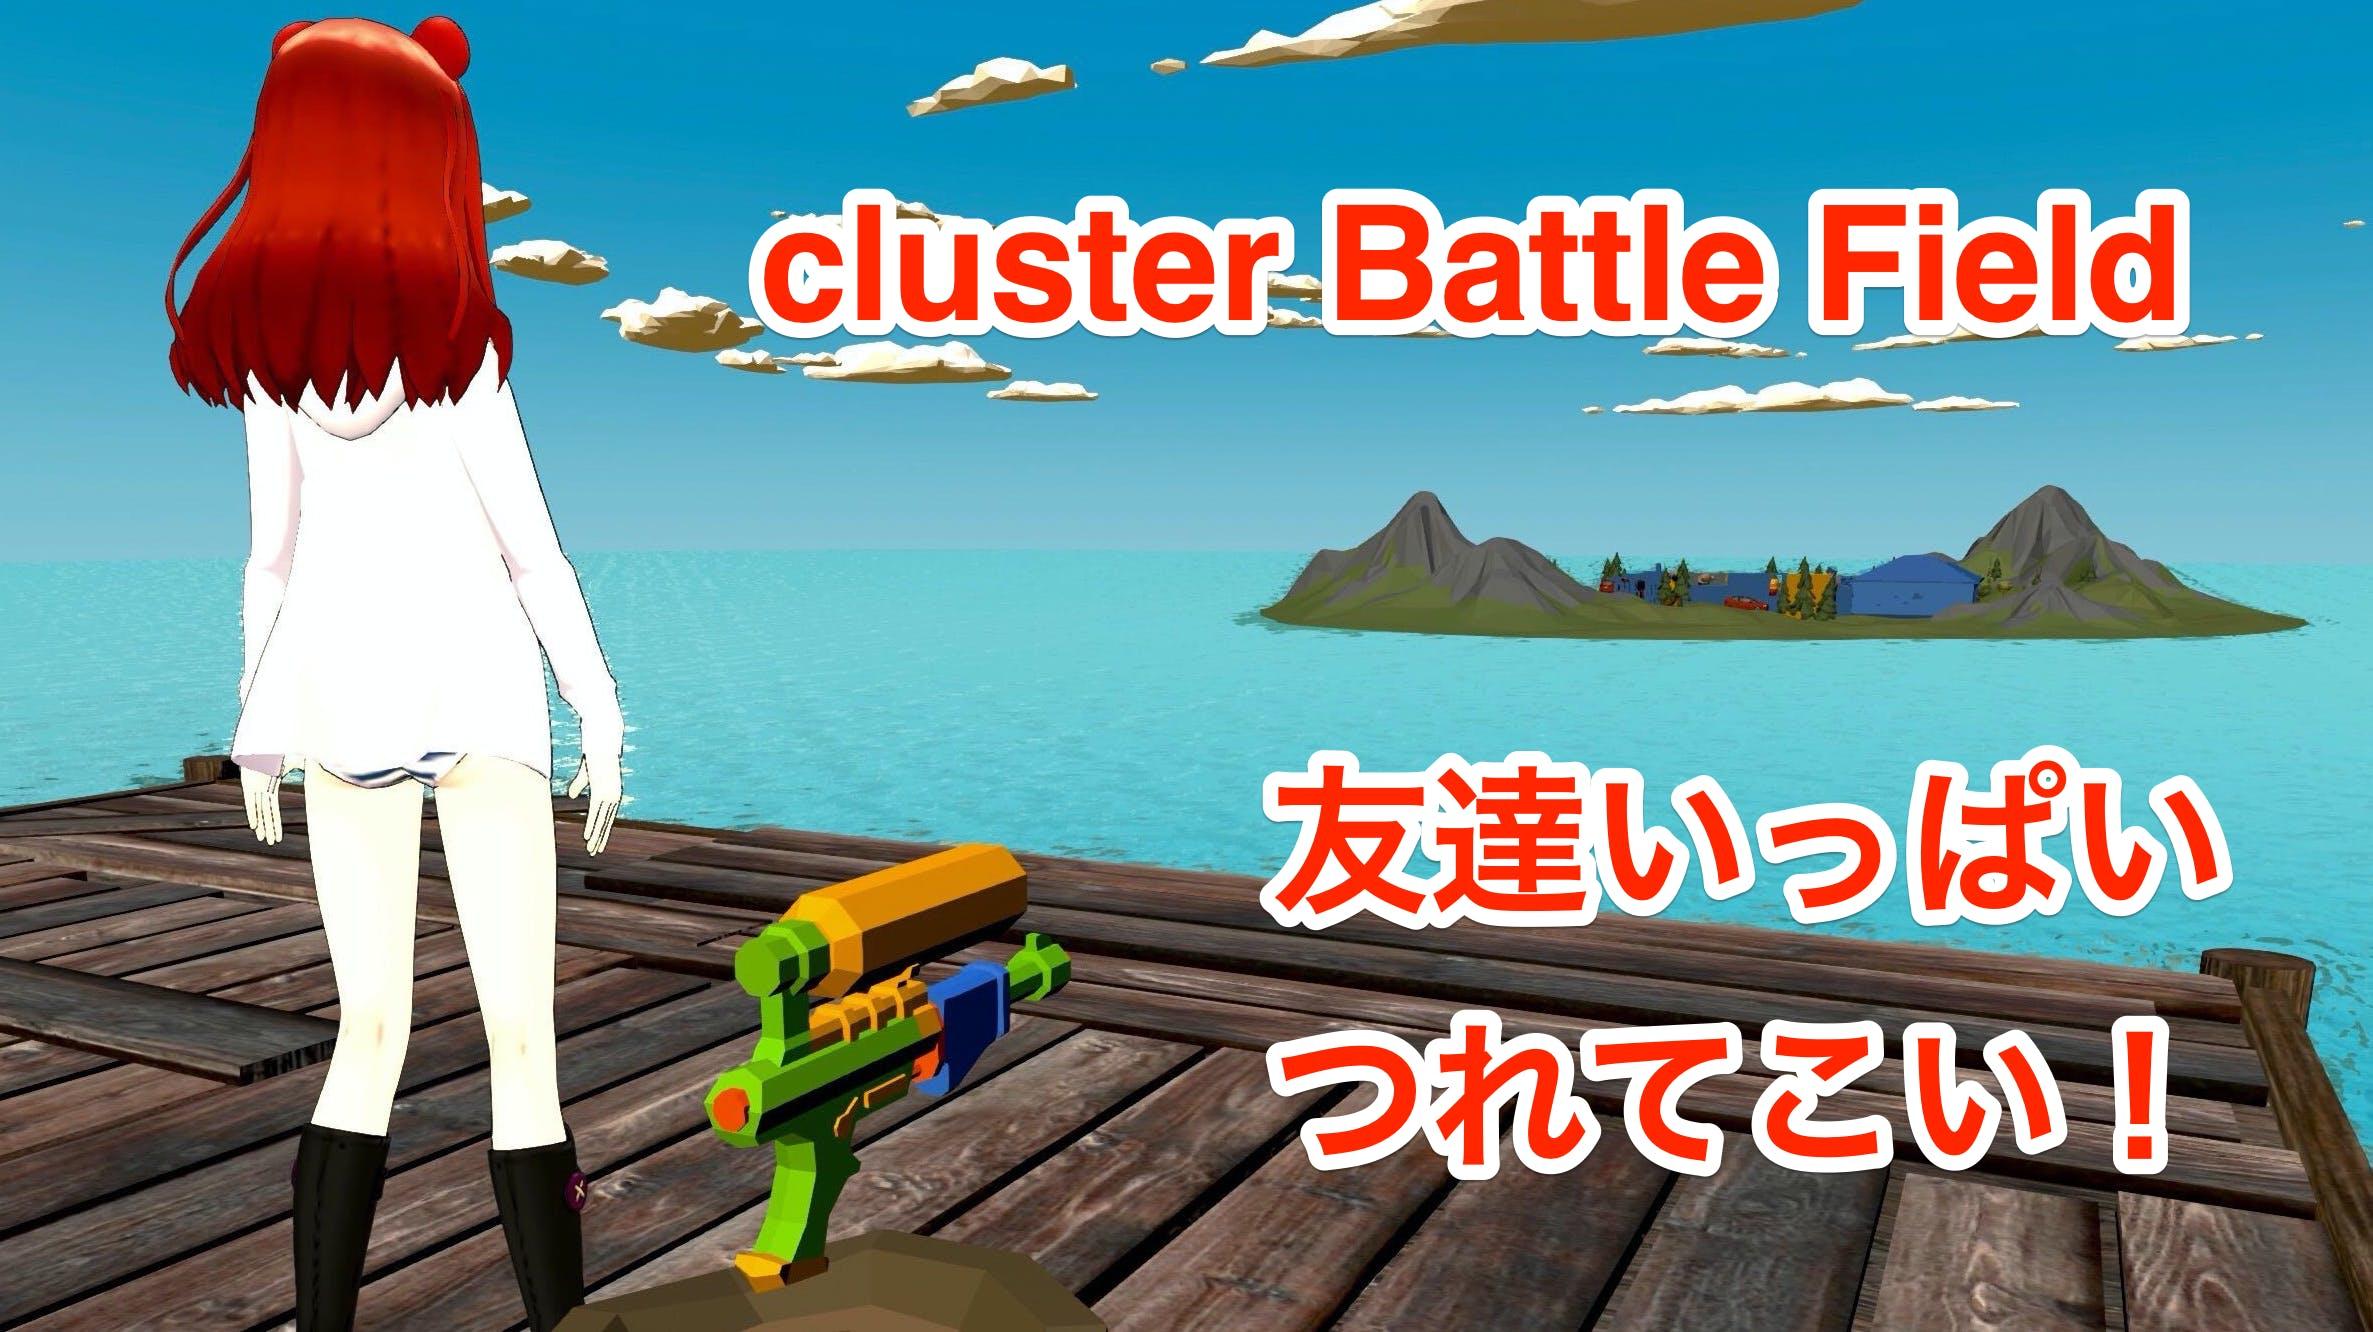 cluster Battle Field